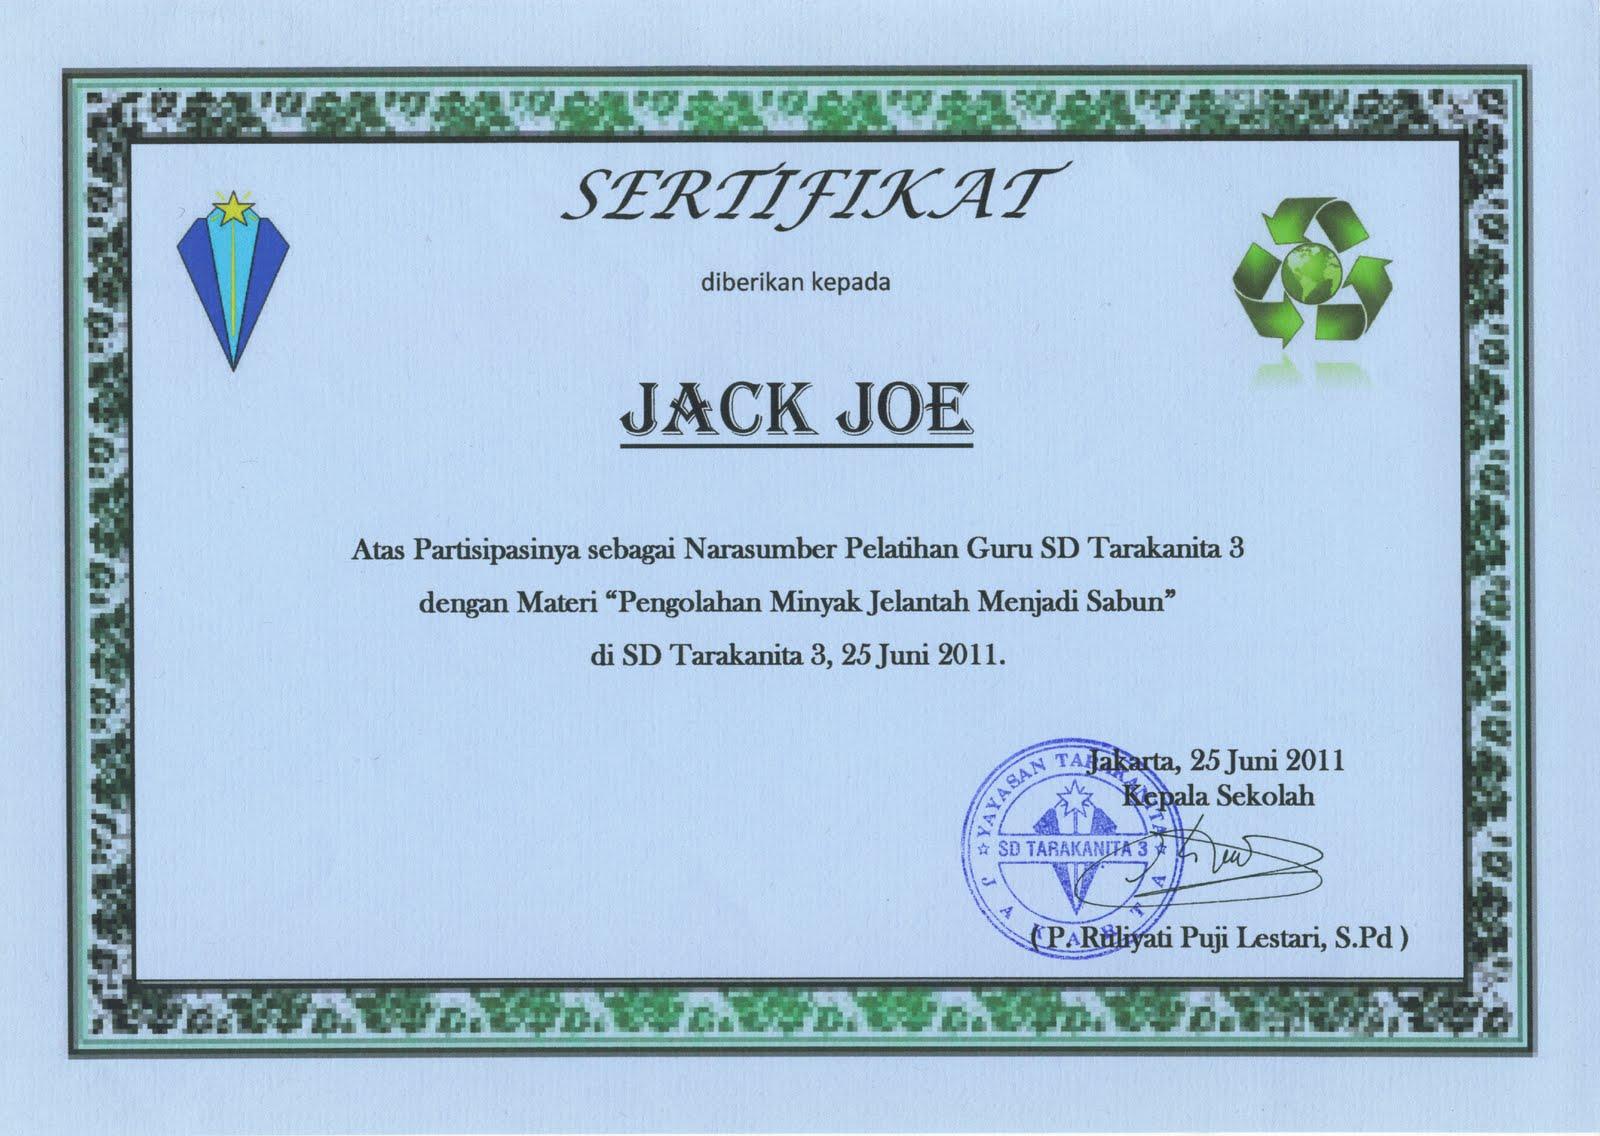 Welcome to Joe's Blog: Sertifikat Kegiatan Pelatihan Guru ...